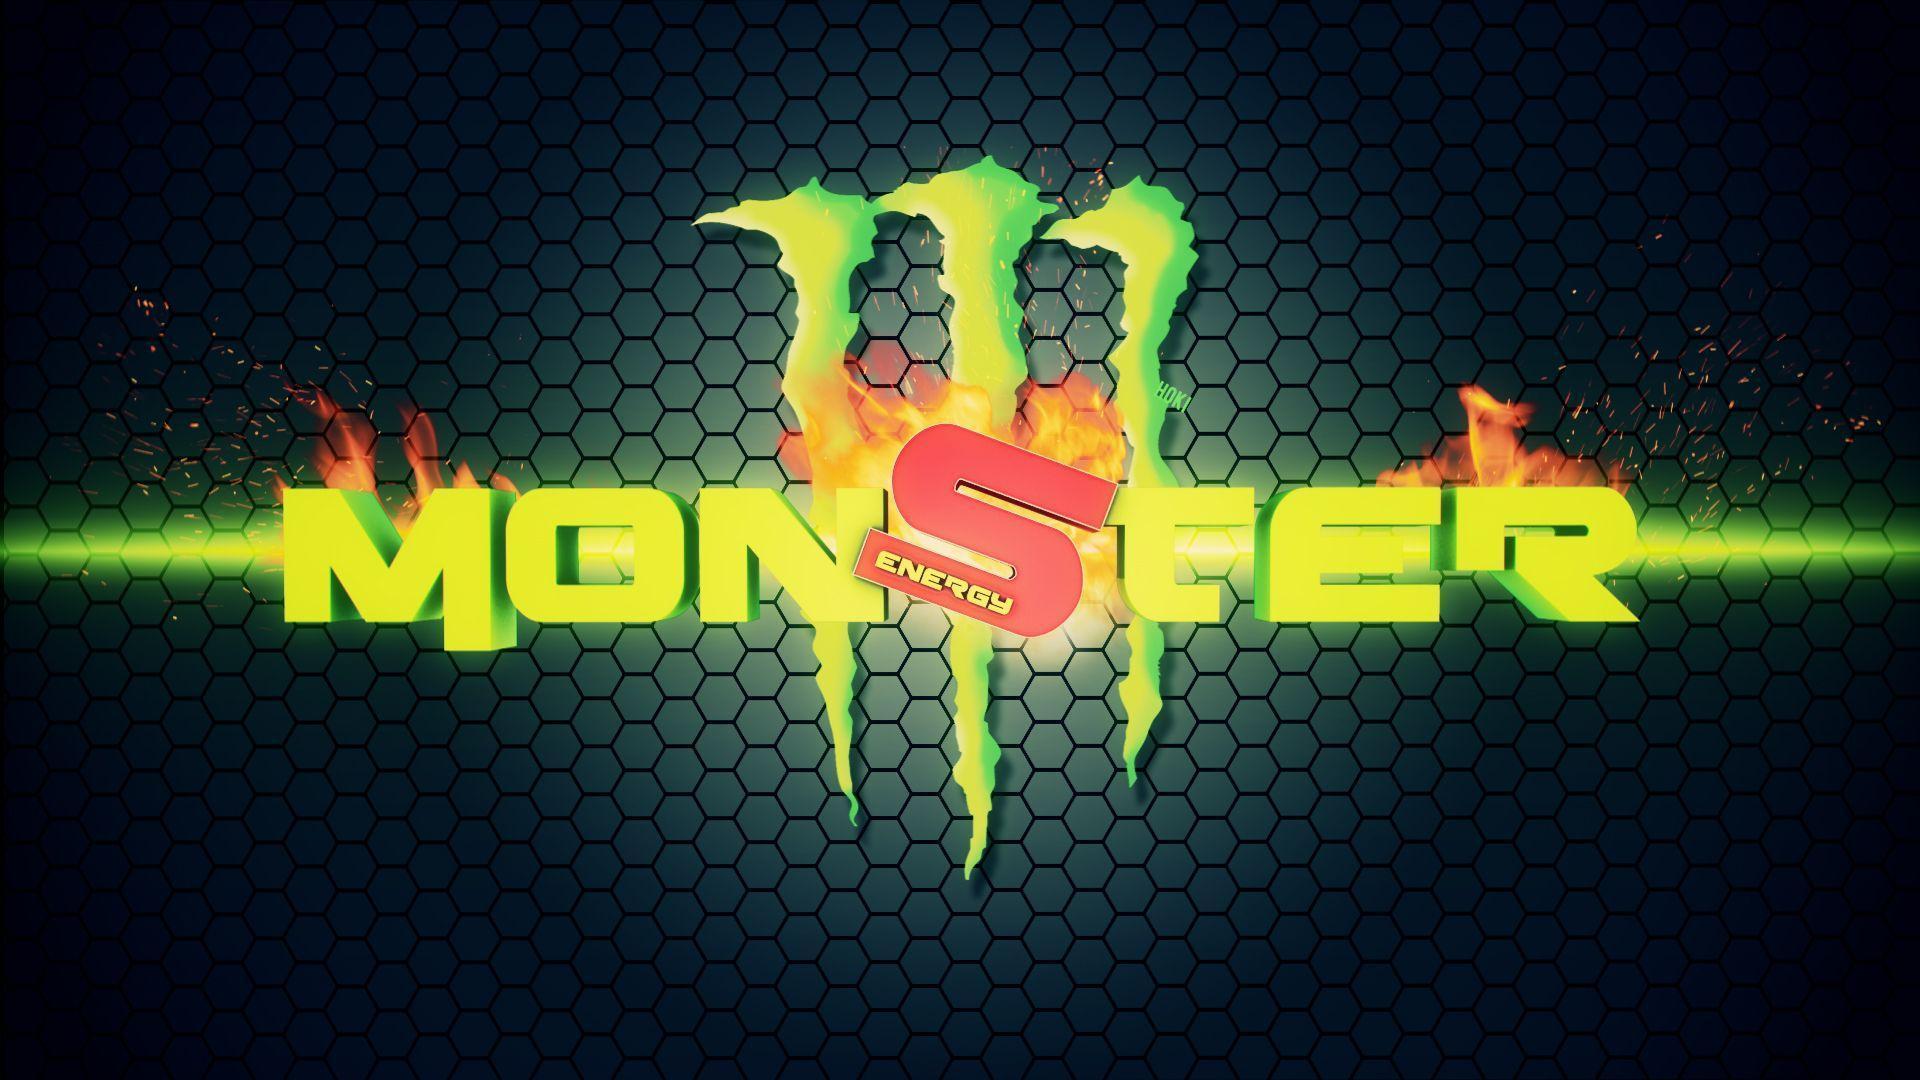 rasta monster energy wallpaper - photo #15